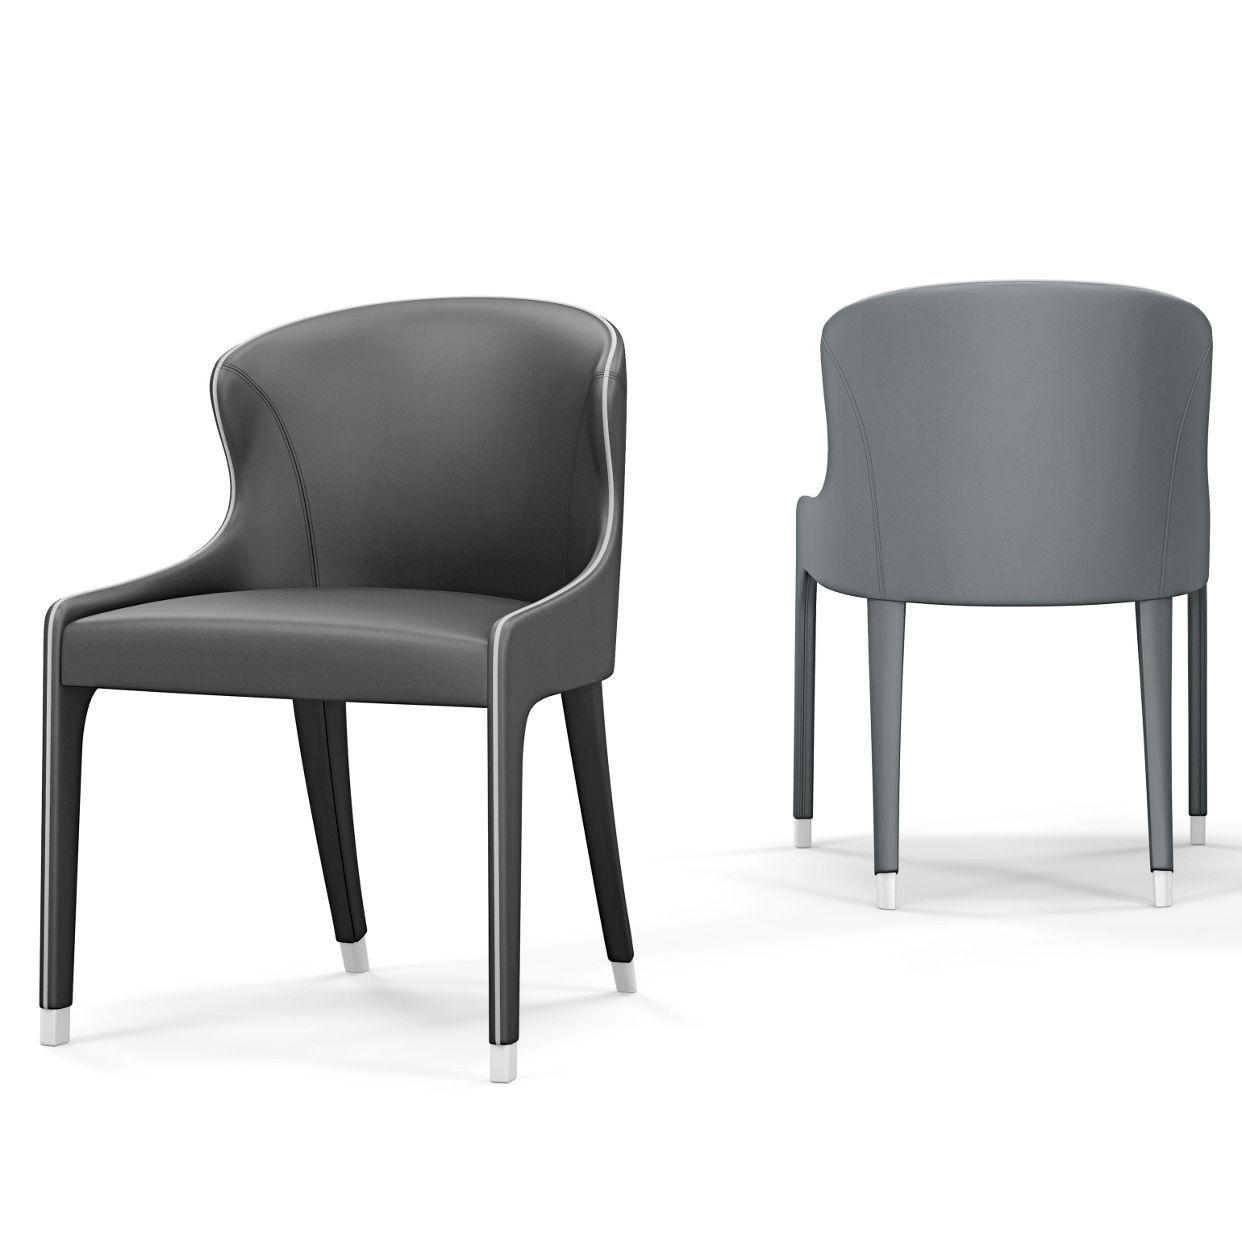 Steeple Chaise Chaises Tabourets Bancs Roche Bobois Chaise De Salle A Manger Mobilier De Salon Chaise